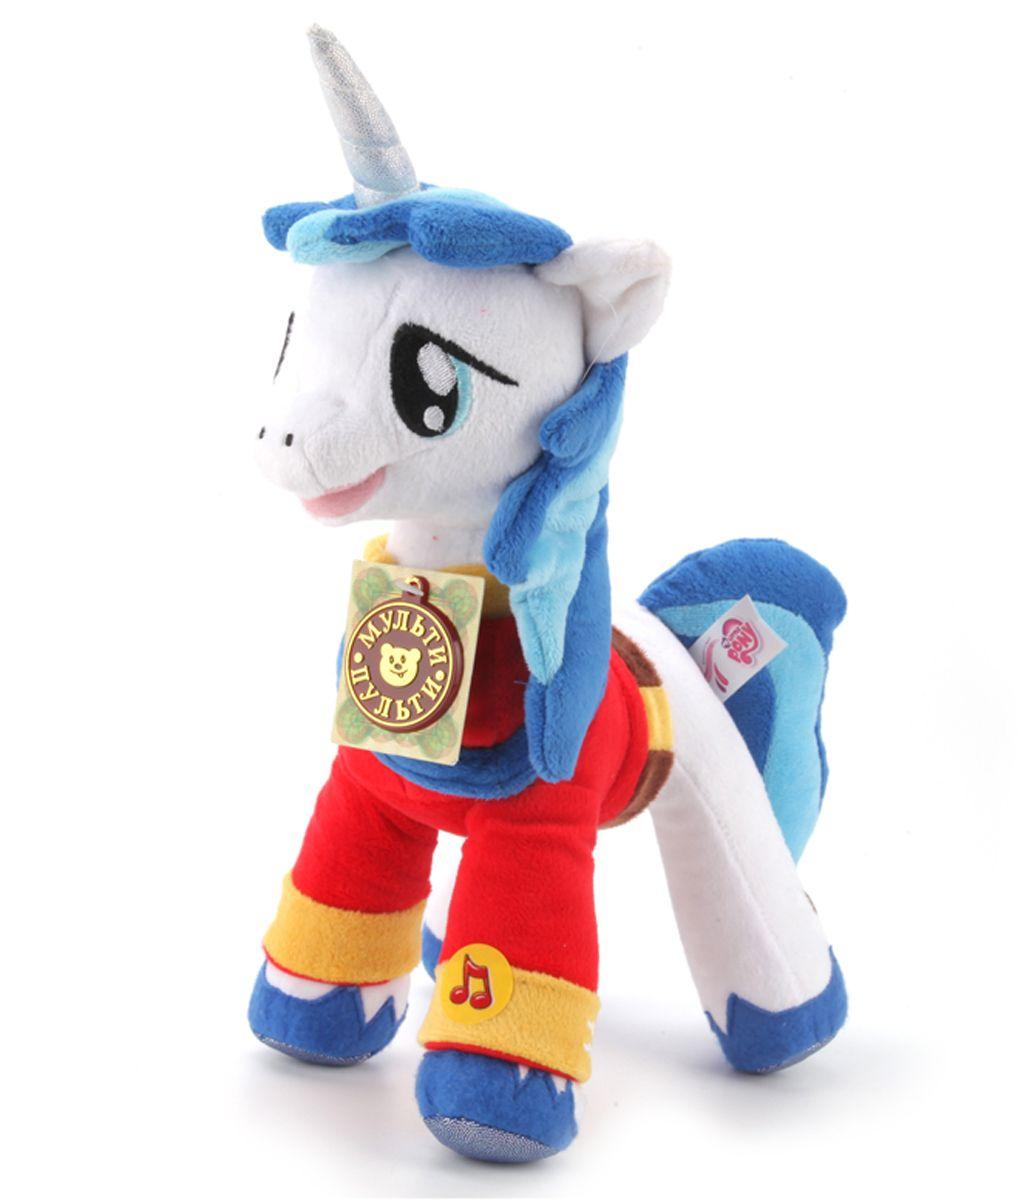 Мульти-Пульти Мягкая игрушка Пони принц Армор 25 смV27463/25Мягкая игрушка сама по себе ассоциируется с радостью и весельем, конечно, и для наших детей такой подарок станет поистине незабываемым. Забавные, добрые мягкие игрушки радуют детей с самого рождения. Ведь уже в первые месяцы жизни ребенок проявляет интерес к плюшевым зверятам и необычным персонажам. Сначала они помогают ему познавать окружающий мир через тактильные ощущения, знакомят его с животным миром нашей планеты, формируют цветовосприятие и способствуют концентрации внимания.